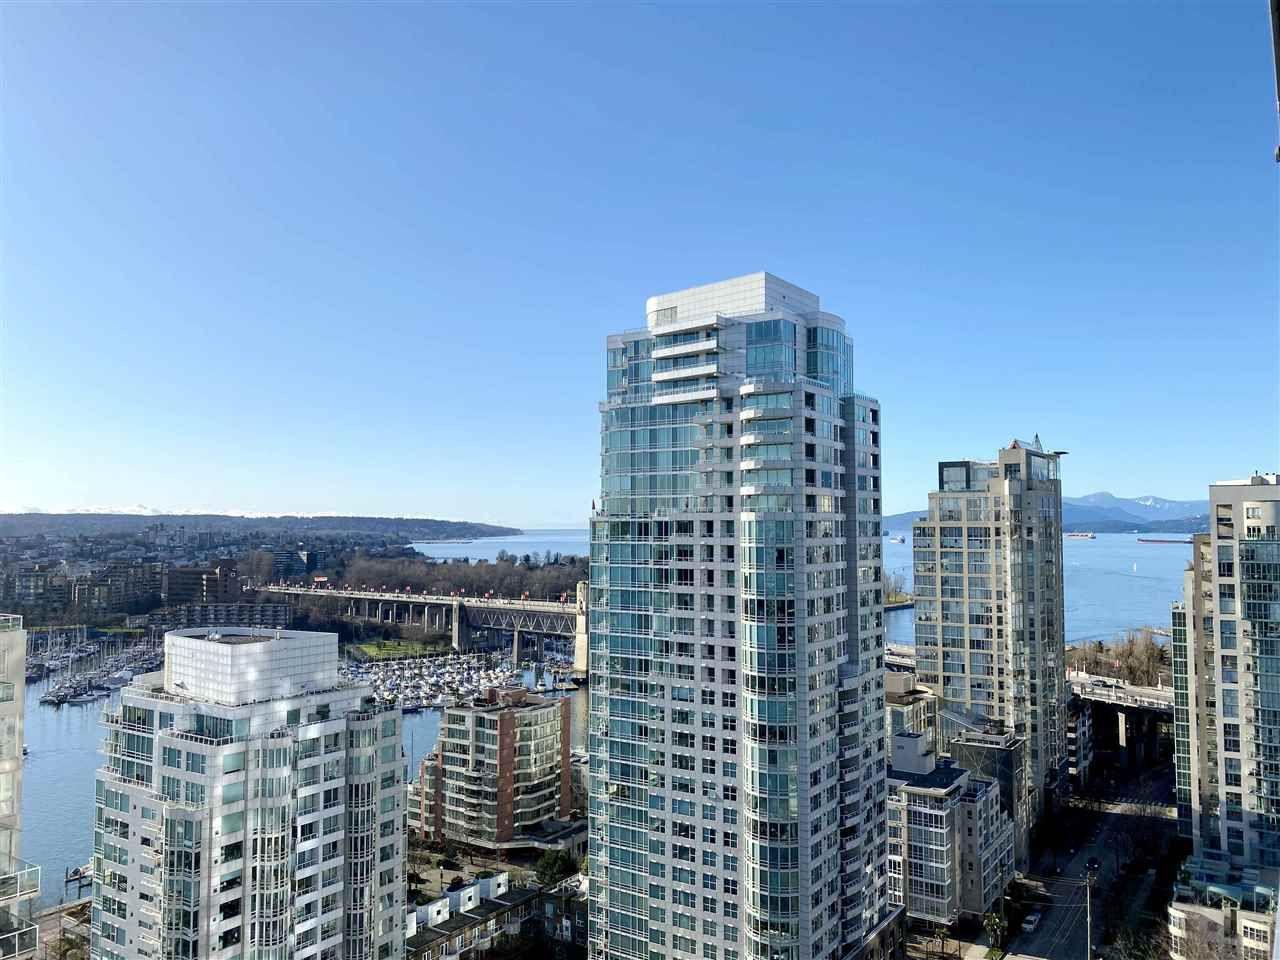 """Main Photo: 2502 1480 HOWE Street in Vancouver: Yaletown Condo for sale in """"VANCOUVER HOUSE"""" (Vancouver West)  : MLS®# R2434266"""